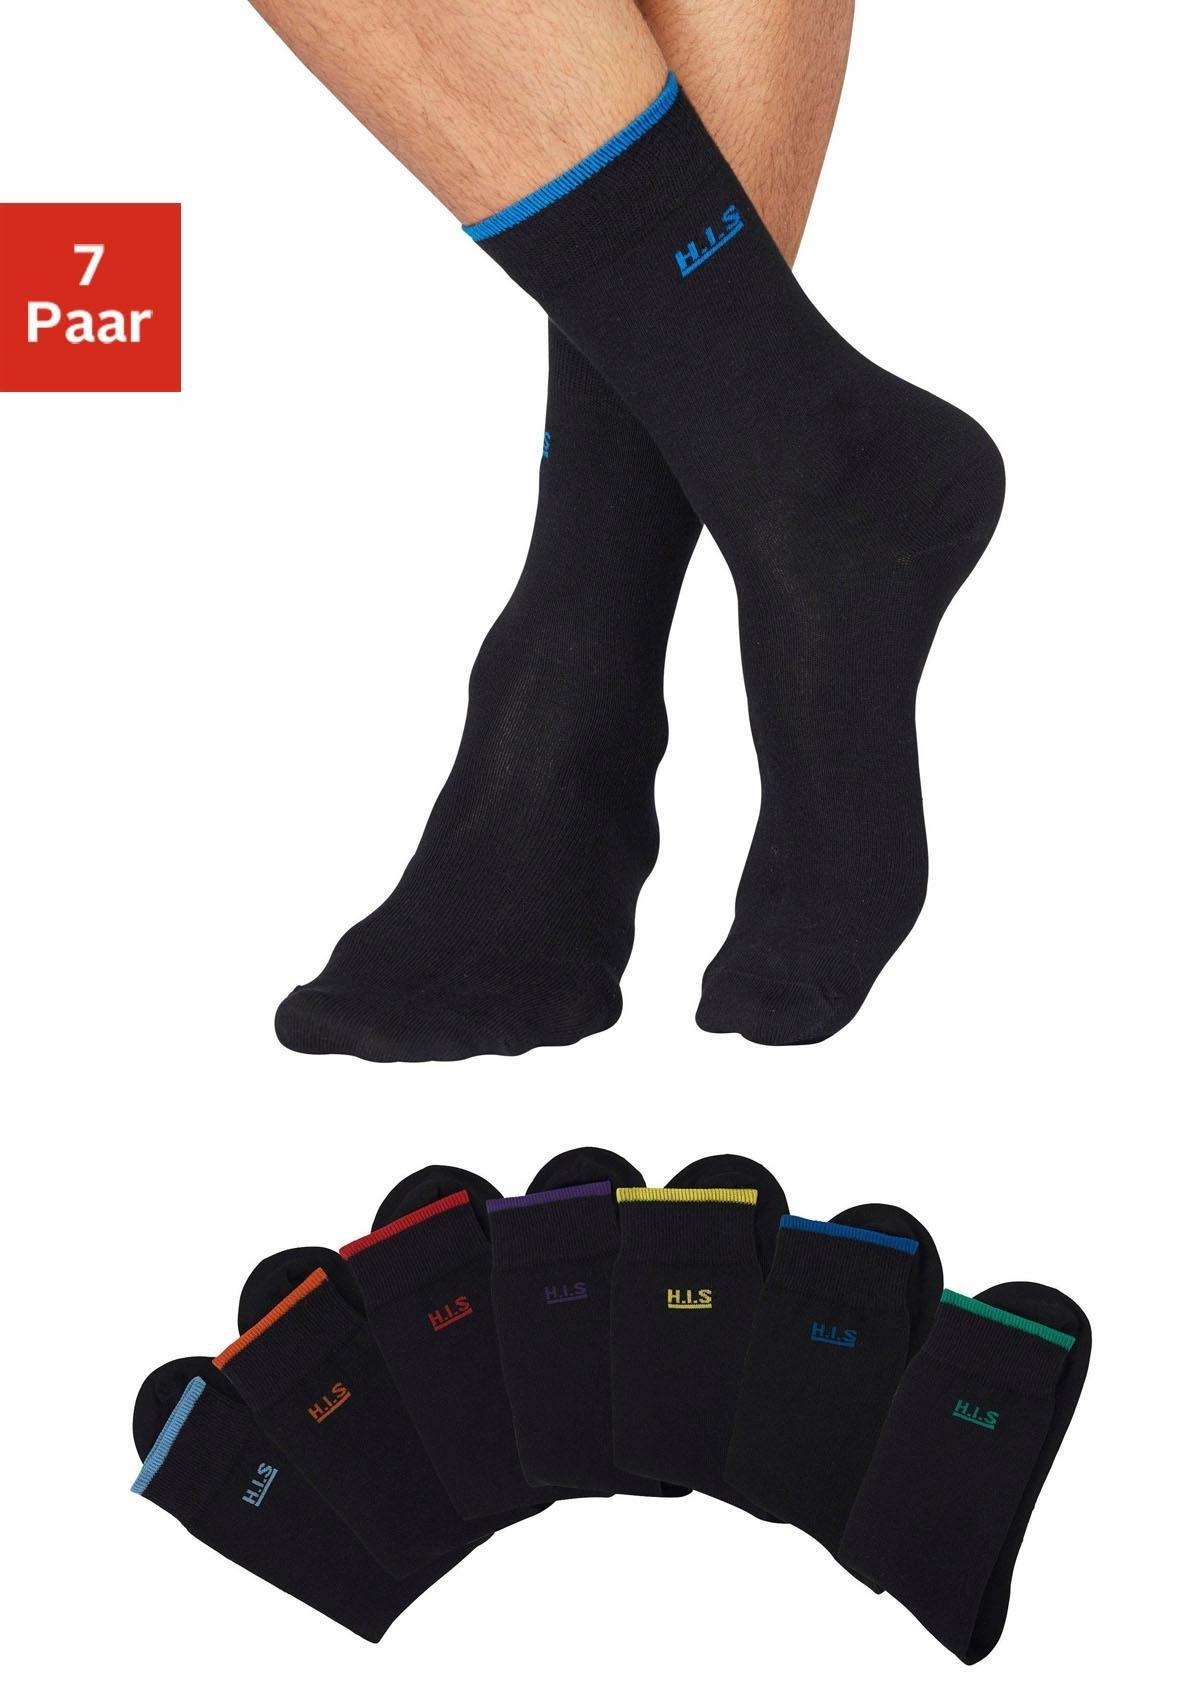 Op zoek naar een H.I.S sokken (7 paar)? Koop online bij OTTO